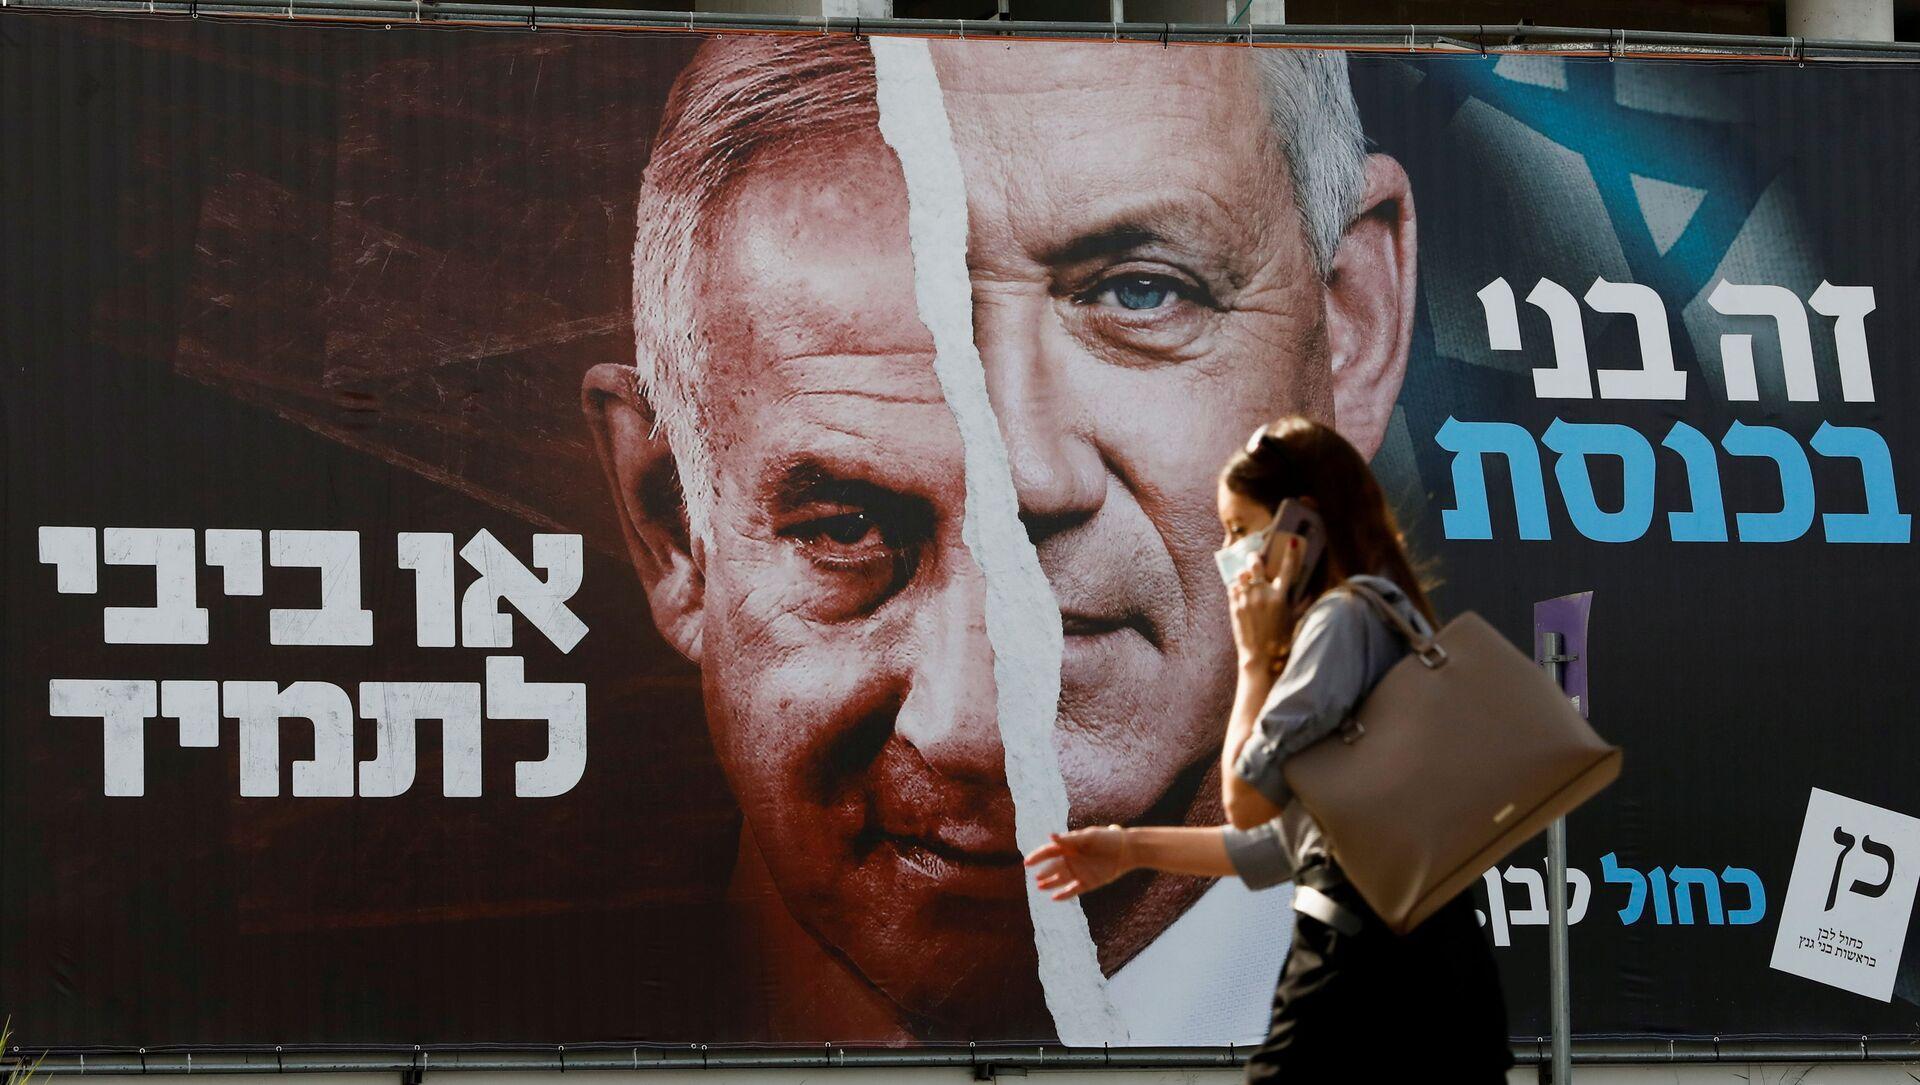 Предвыборный плакат израильского политического альянса Кахоль-лаван с изображением министра обороны Израилья Бенни Ганца и премьер-министра Биньямина Нетаньяху - Sputnik Italia, 1920, 06.04.2021